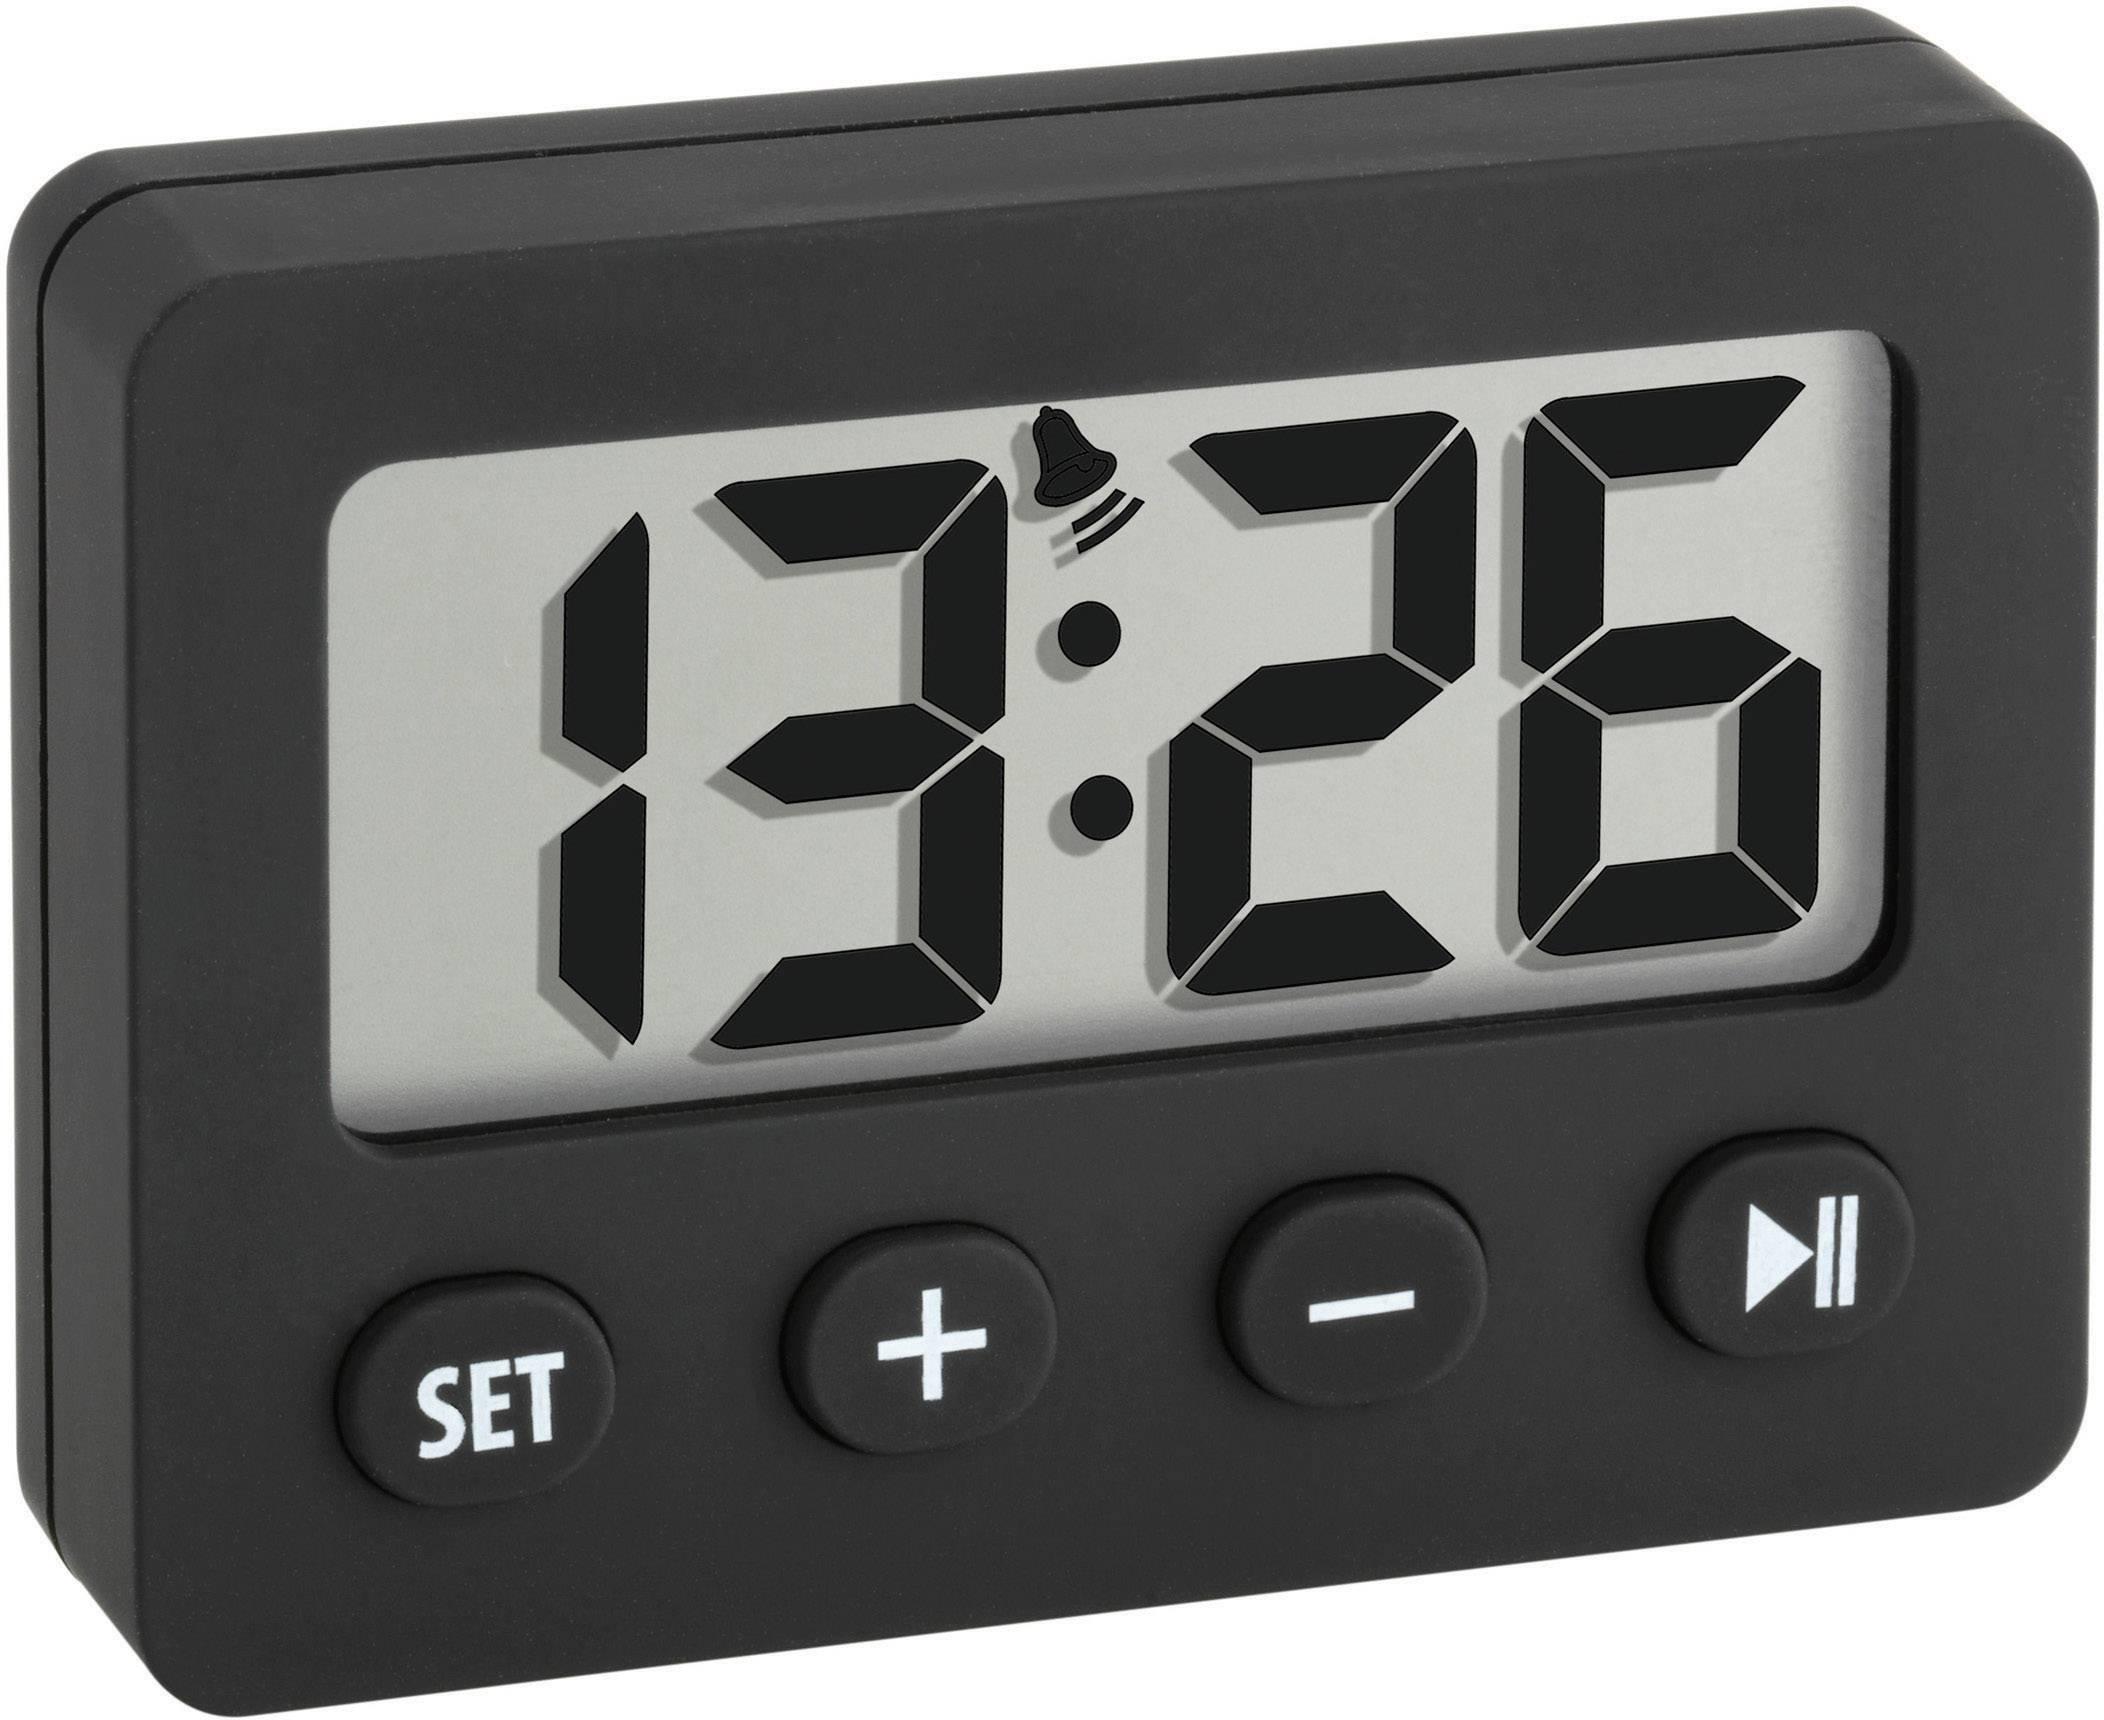 Digitálne hodiny, timer a stopky, 42 x 59 mm, čierne